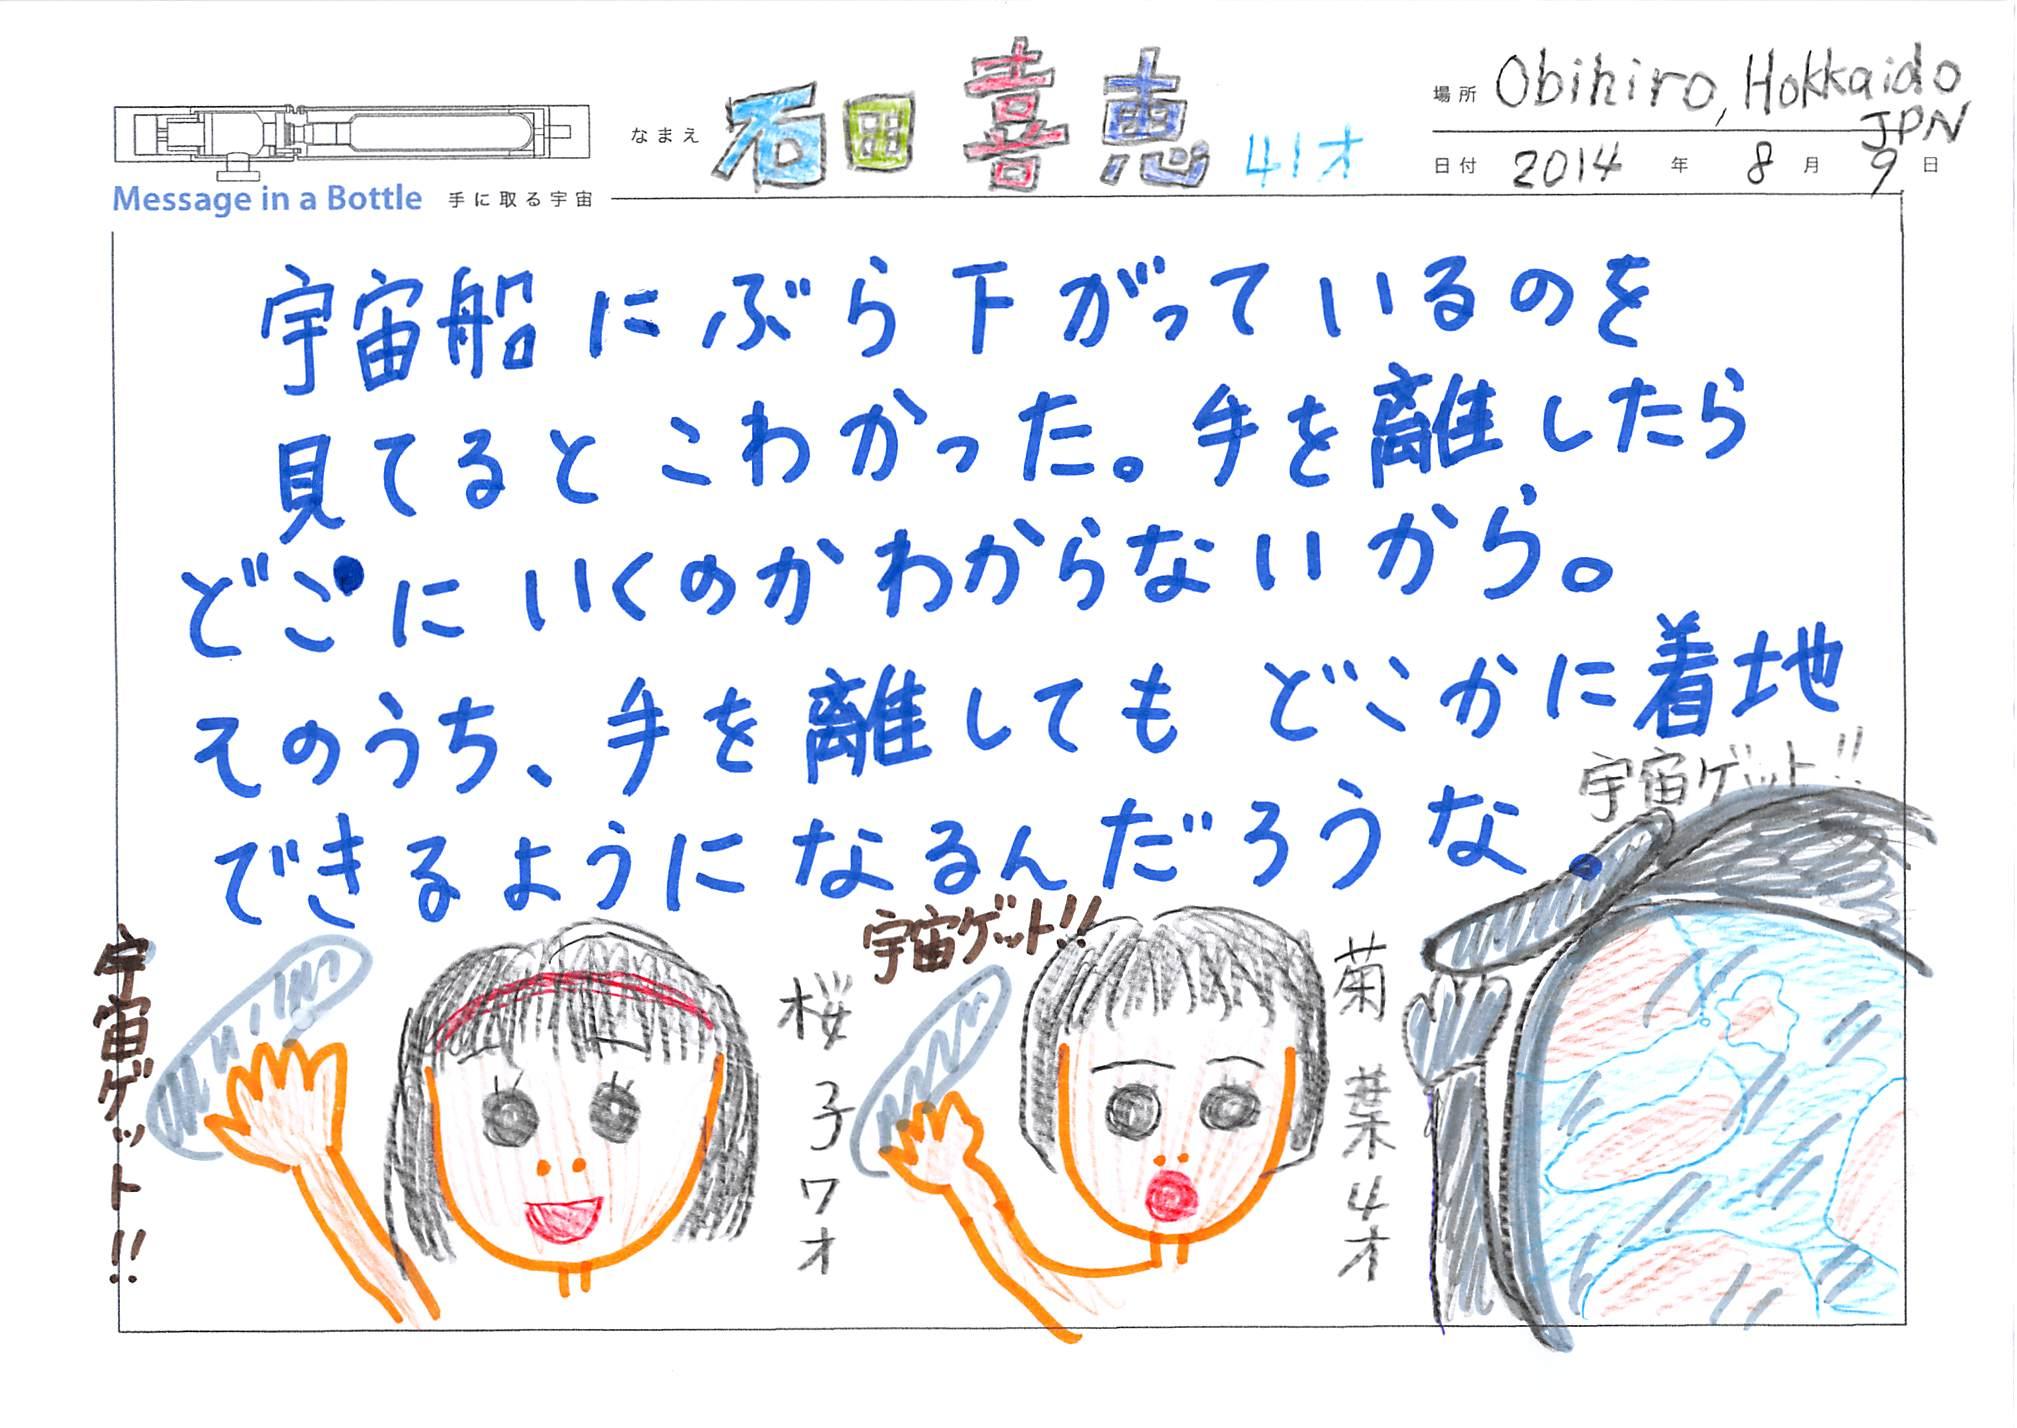 2014-08-09-19-35-07.jpg